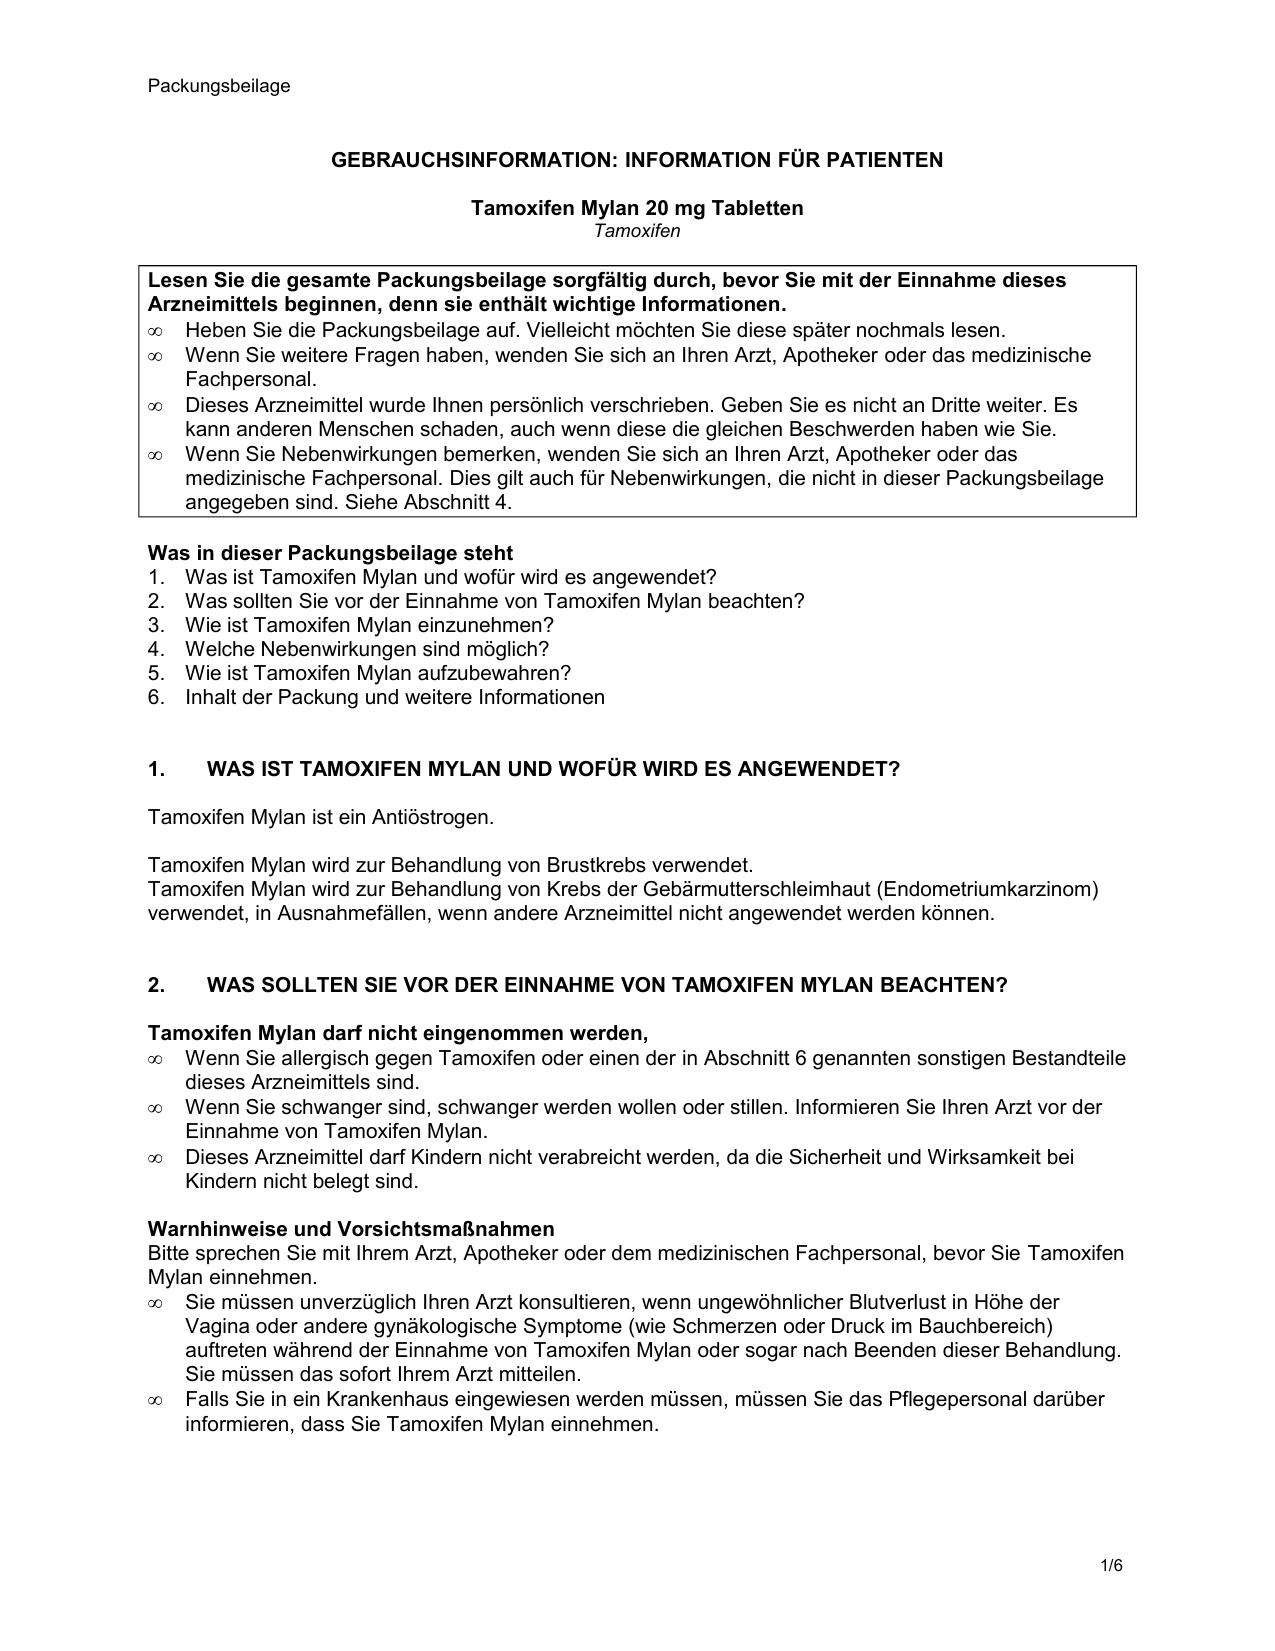 GEBRAUCHSINFORMATION: INFORMATION FÜR PATIENTEN